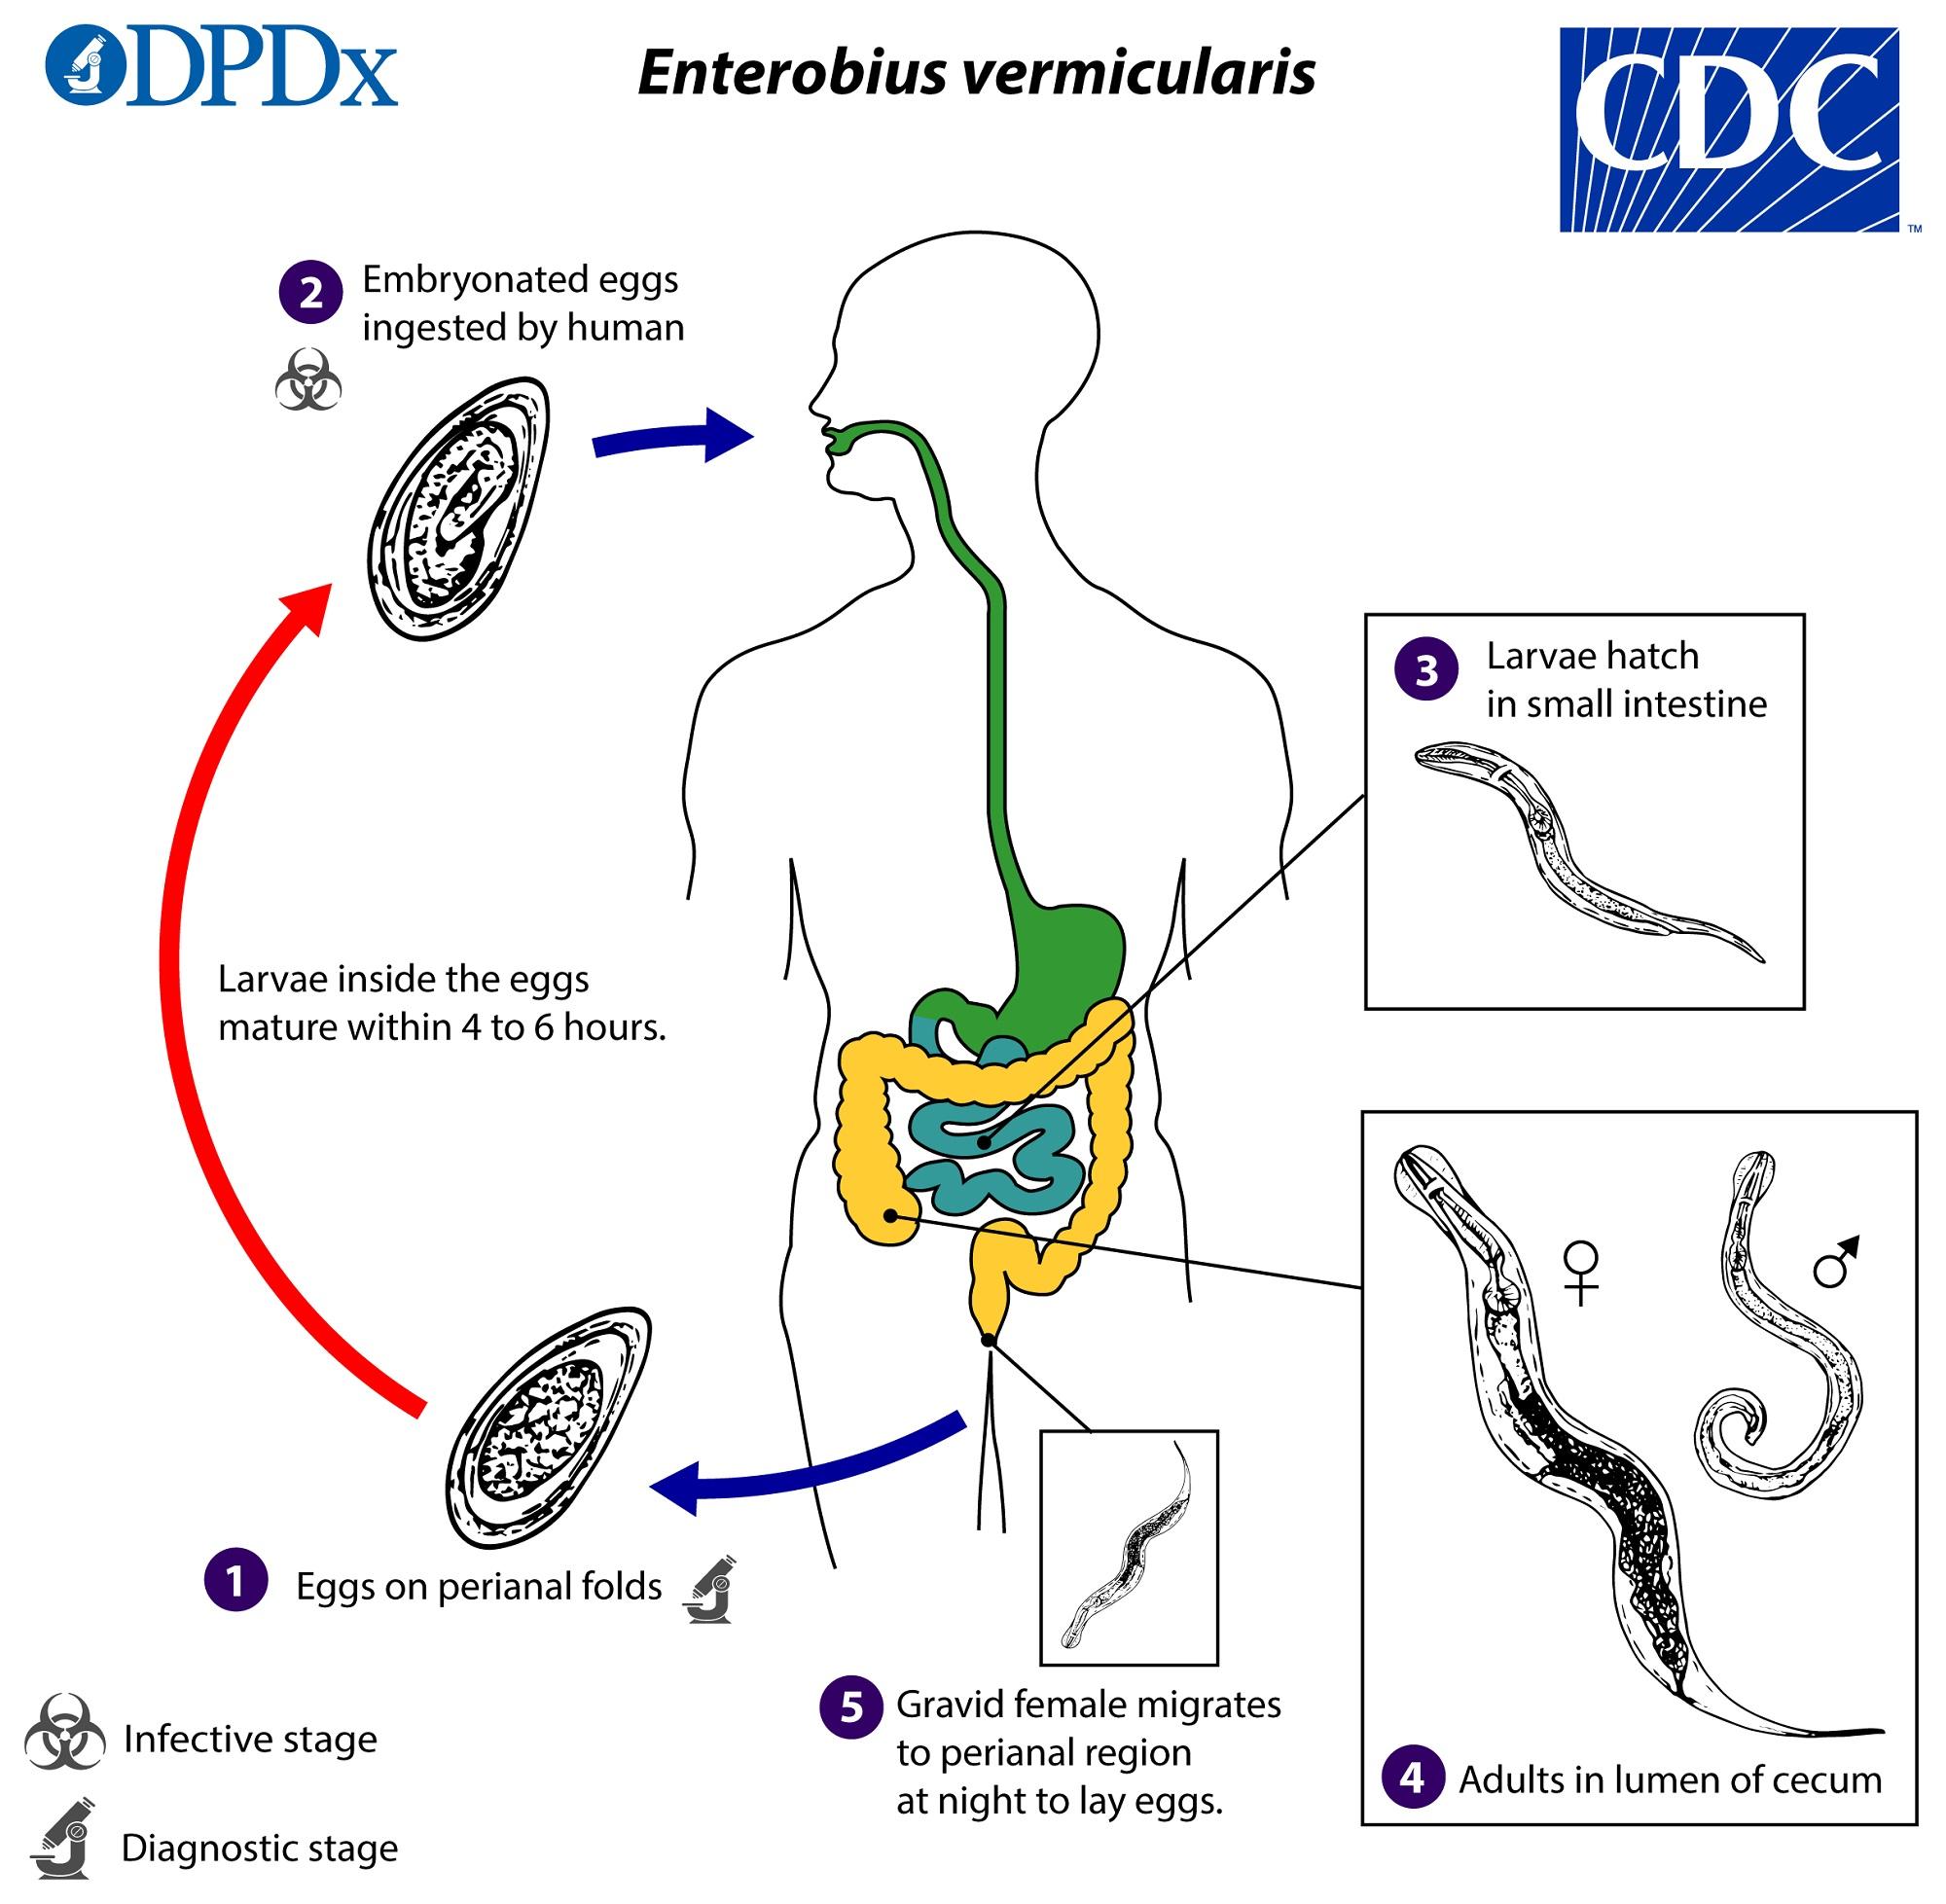 enterobius vermicularis ciclo biologico cdc)